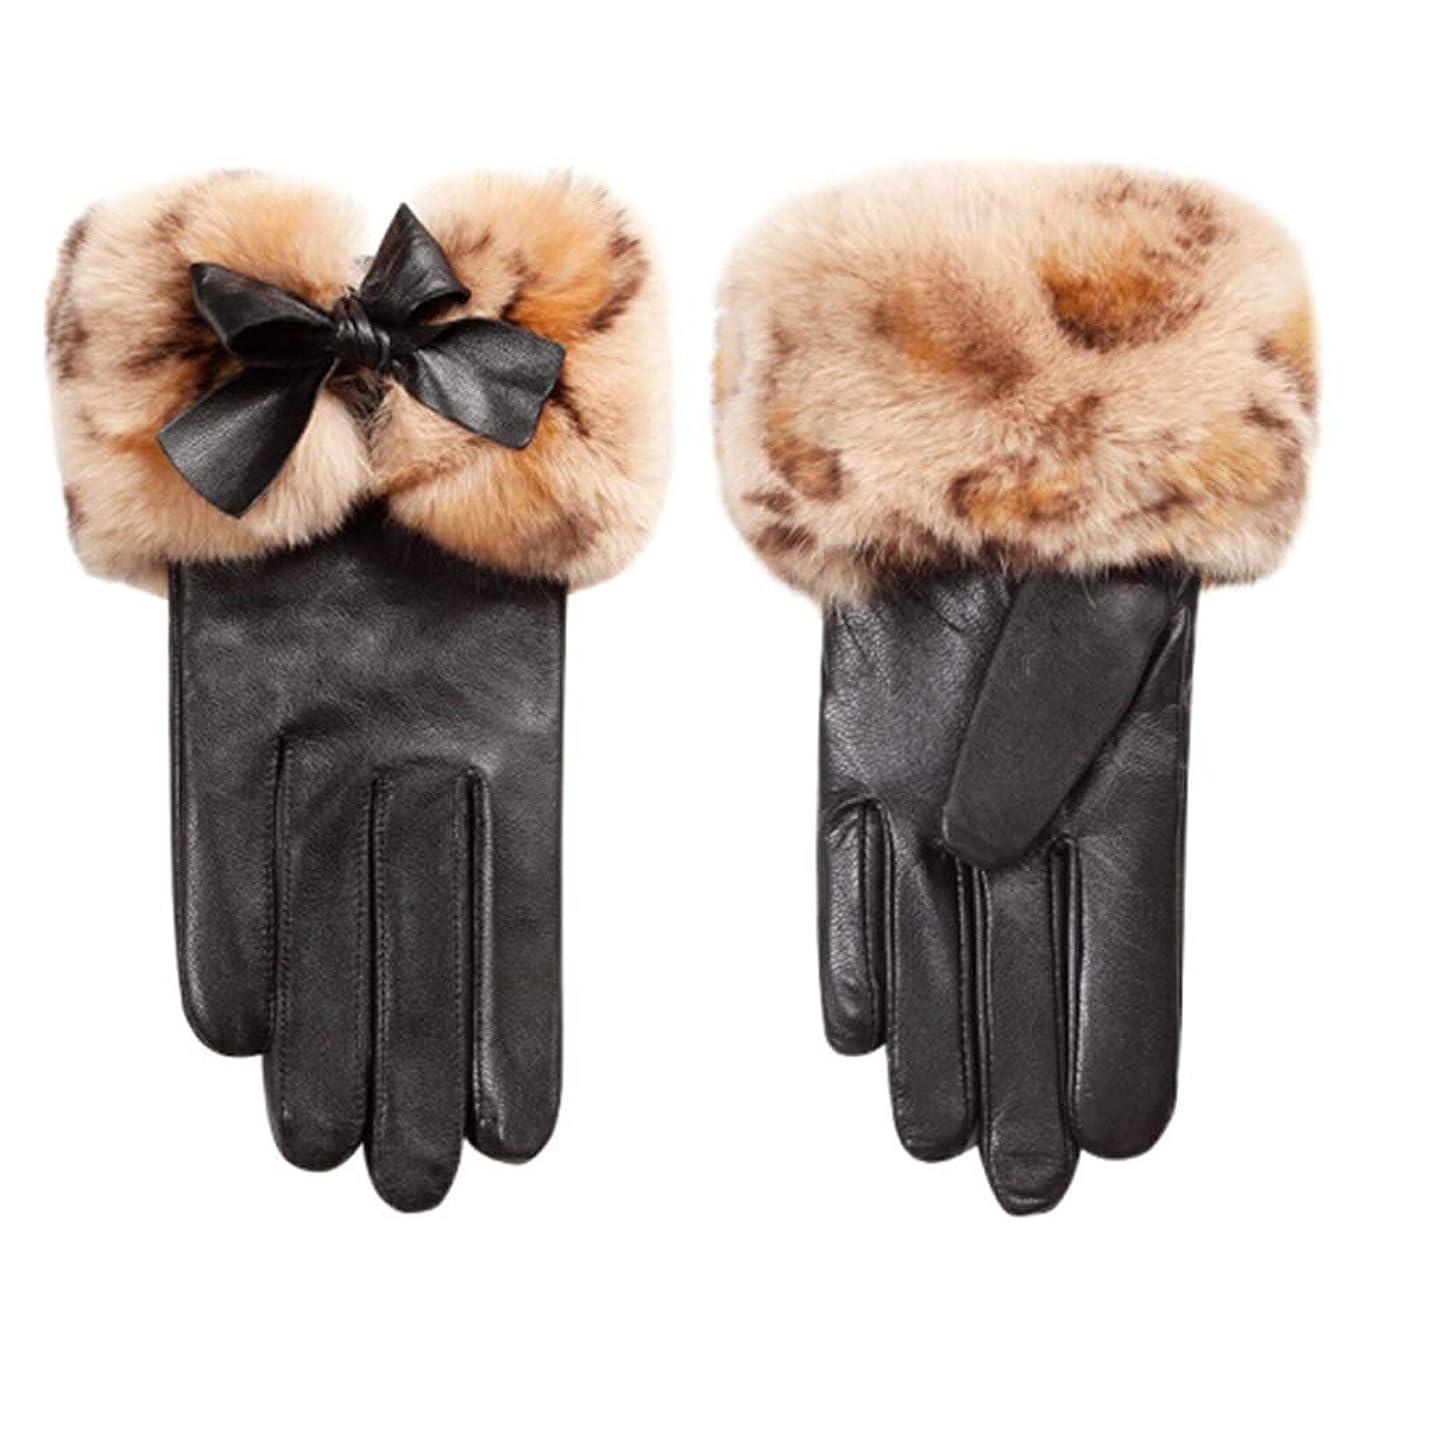 系統的間違っている不幸手袋女性の冬プラスベルベット厚い暖かい韓国のかわいい乗り物運転屋外防風レディース革手袋N2E8X81452黒M